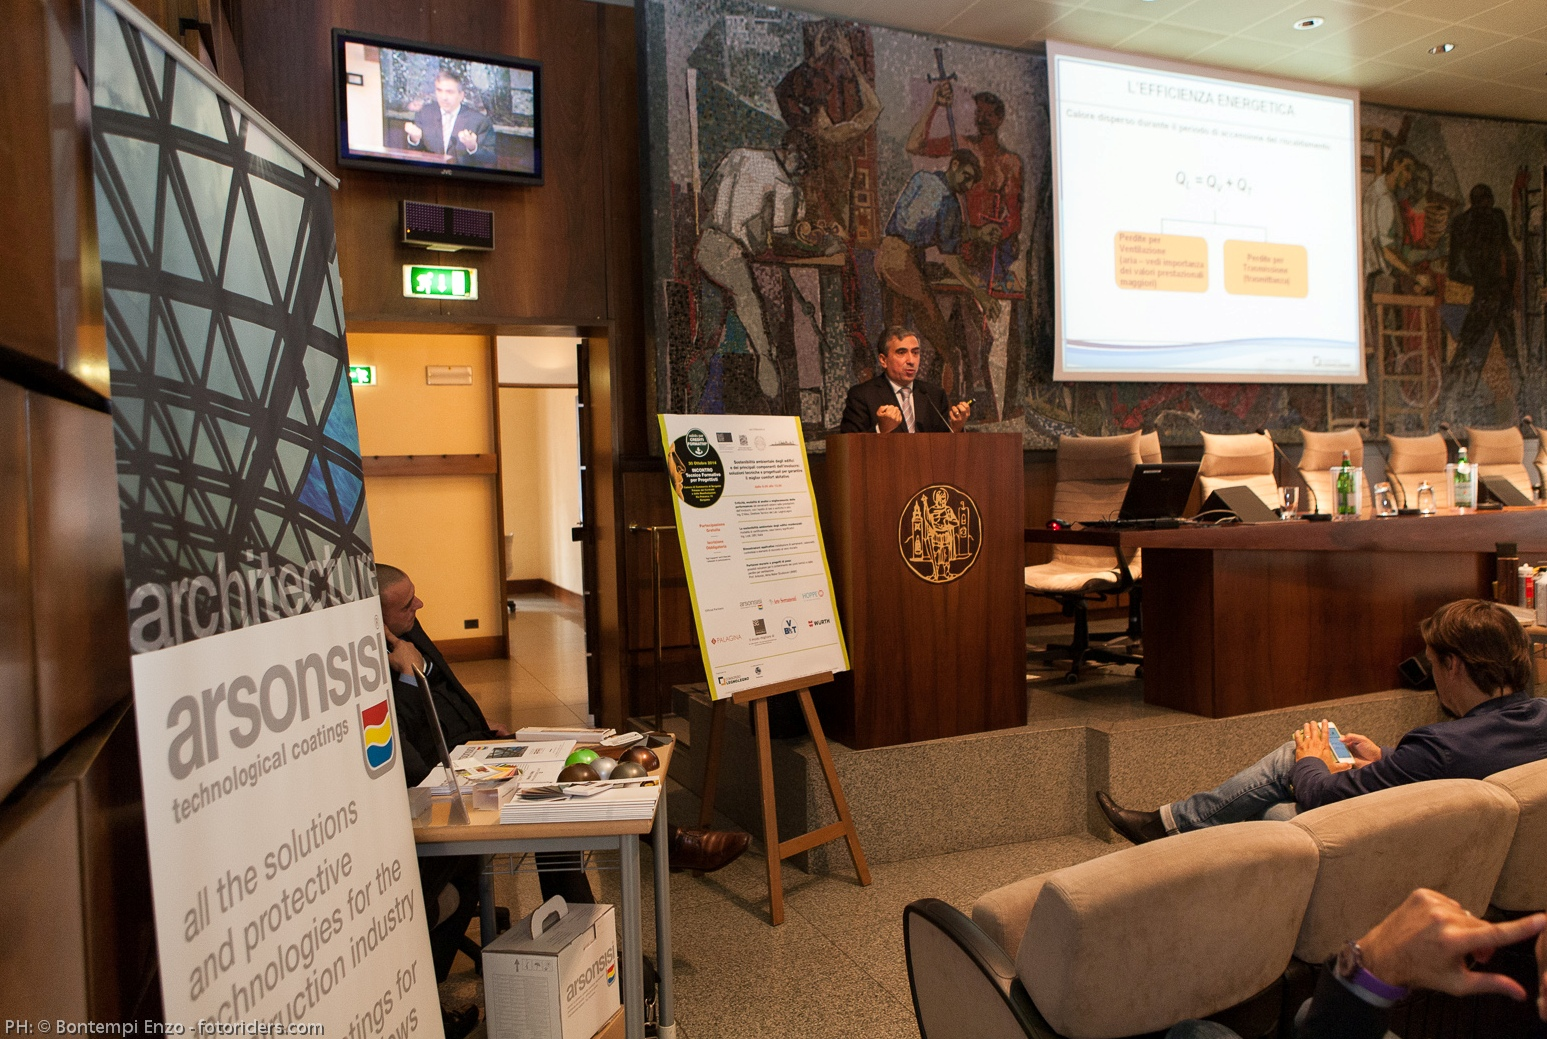 Sostenibilit ambientale degli edifici e dei principali for Componenti camera dei deputati